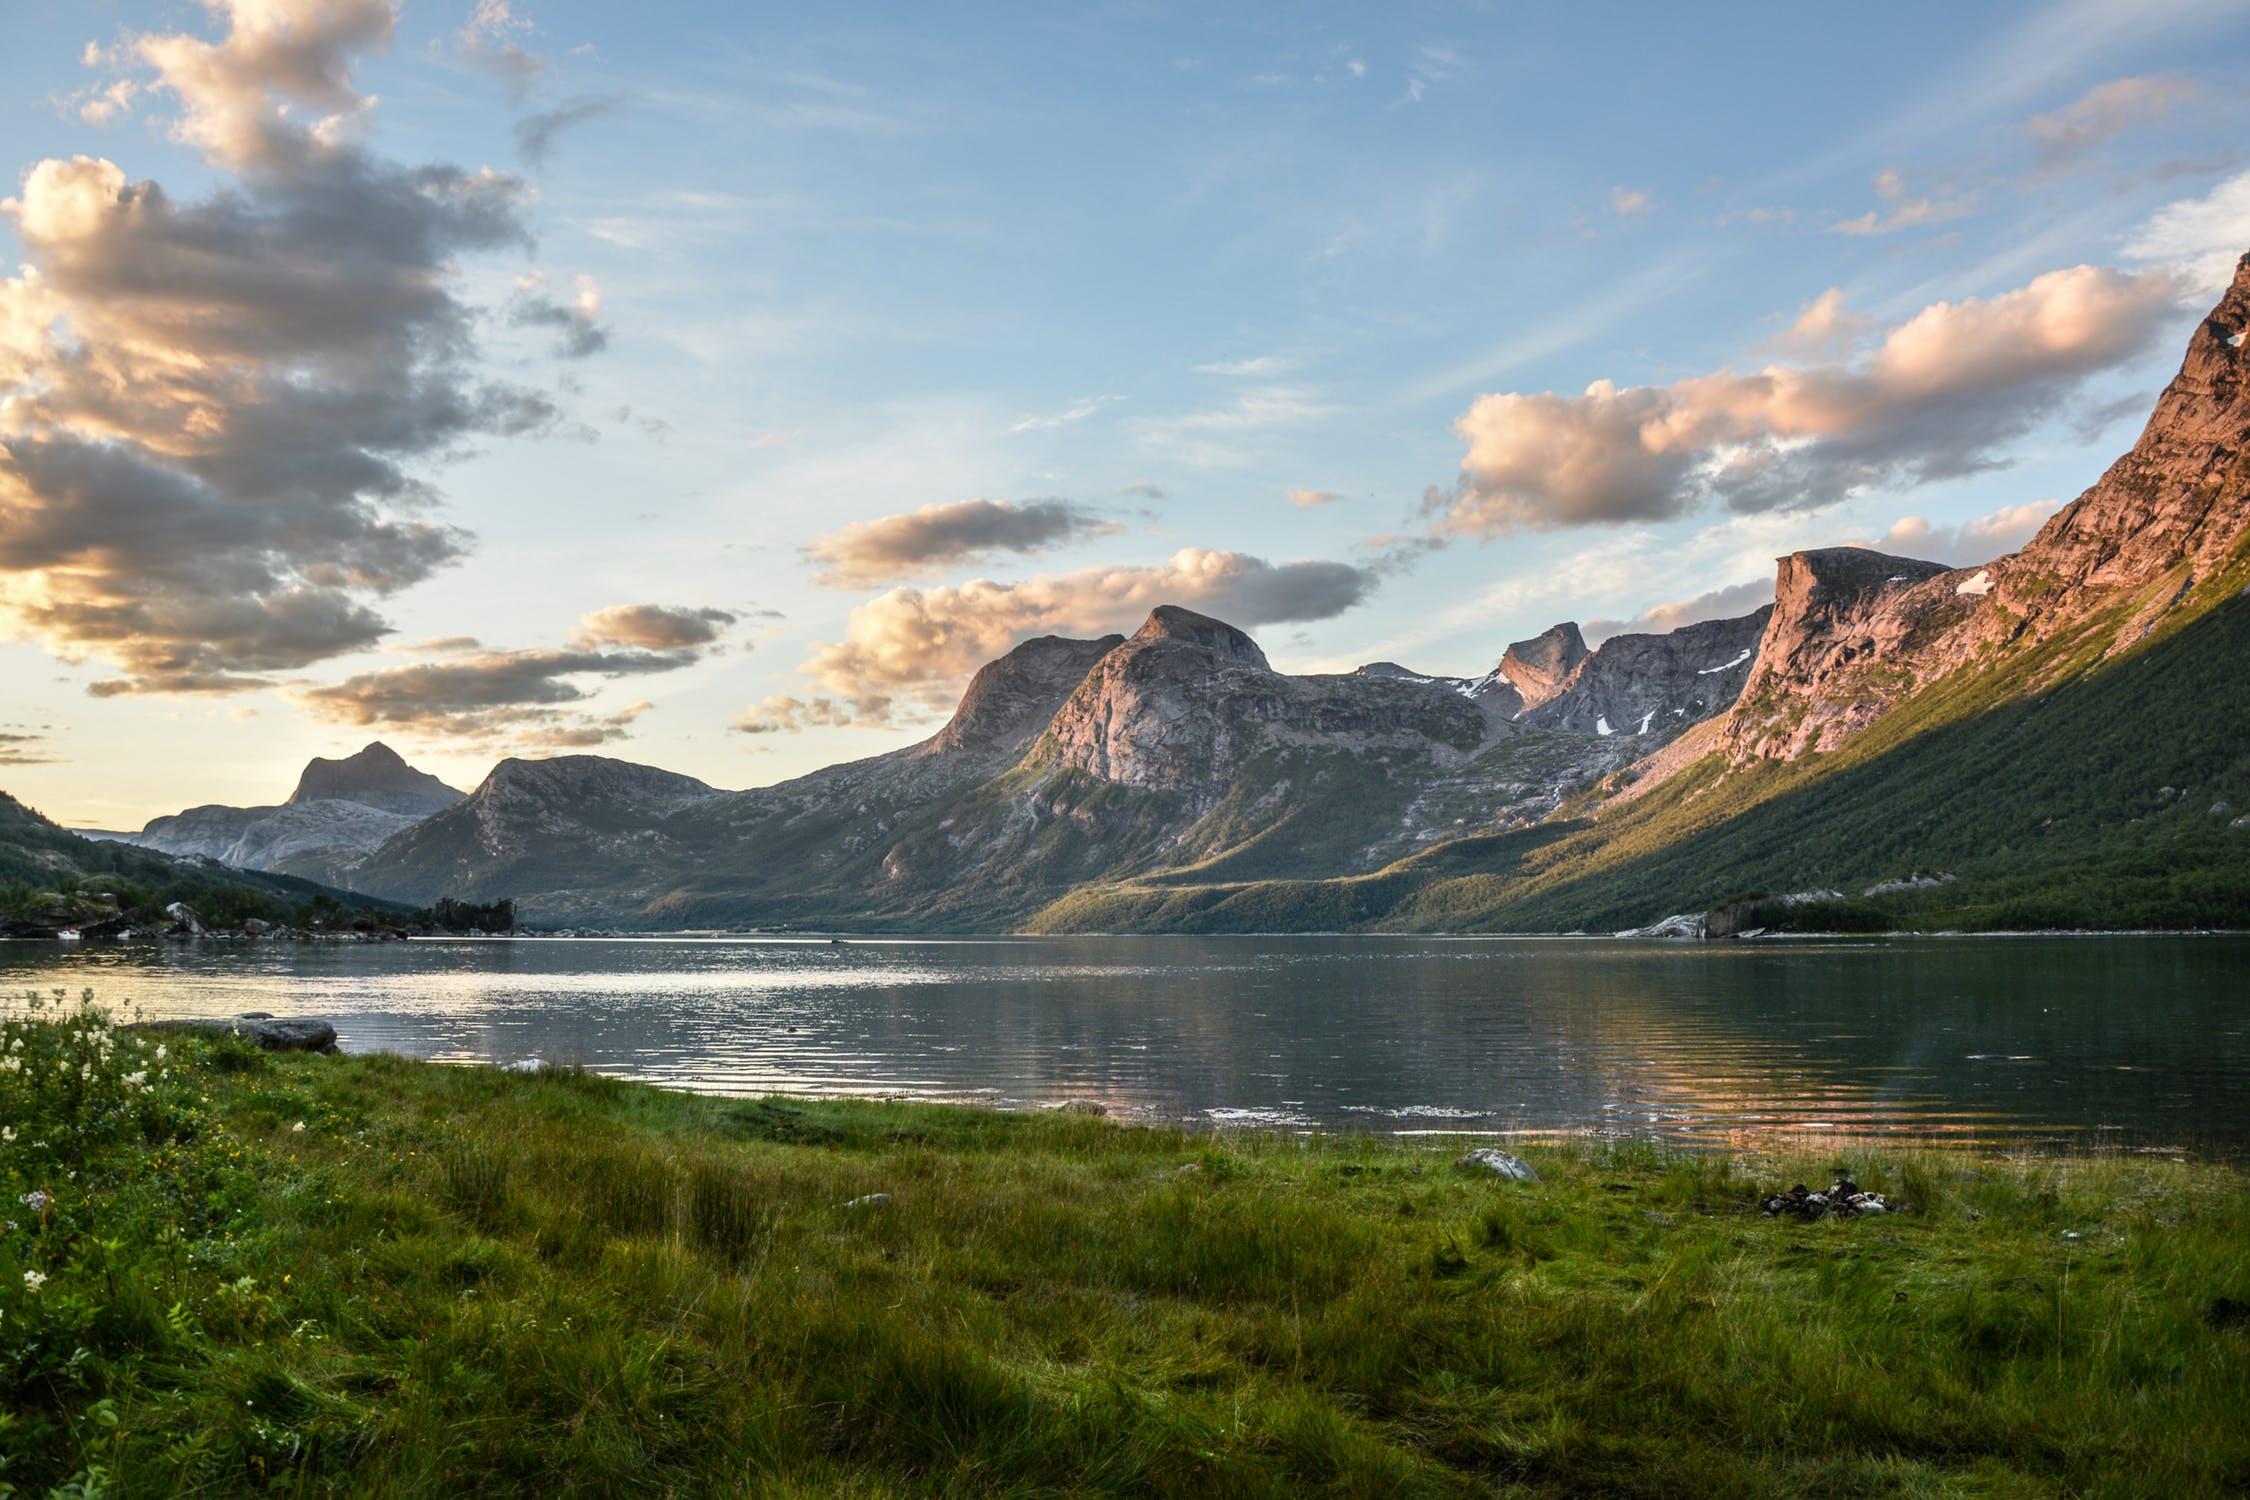 Norwegia otoczona jest aureolą tajemniczości